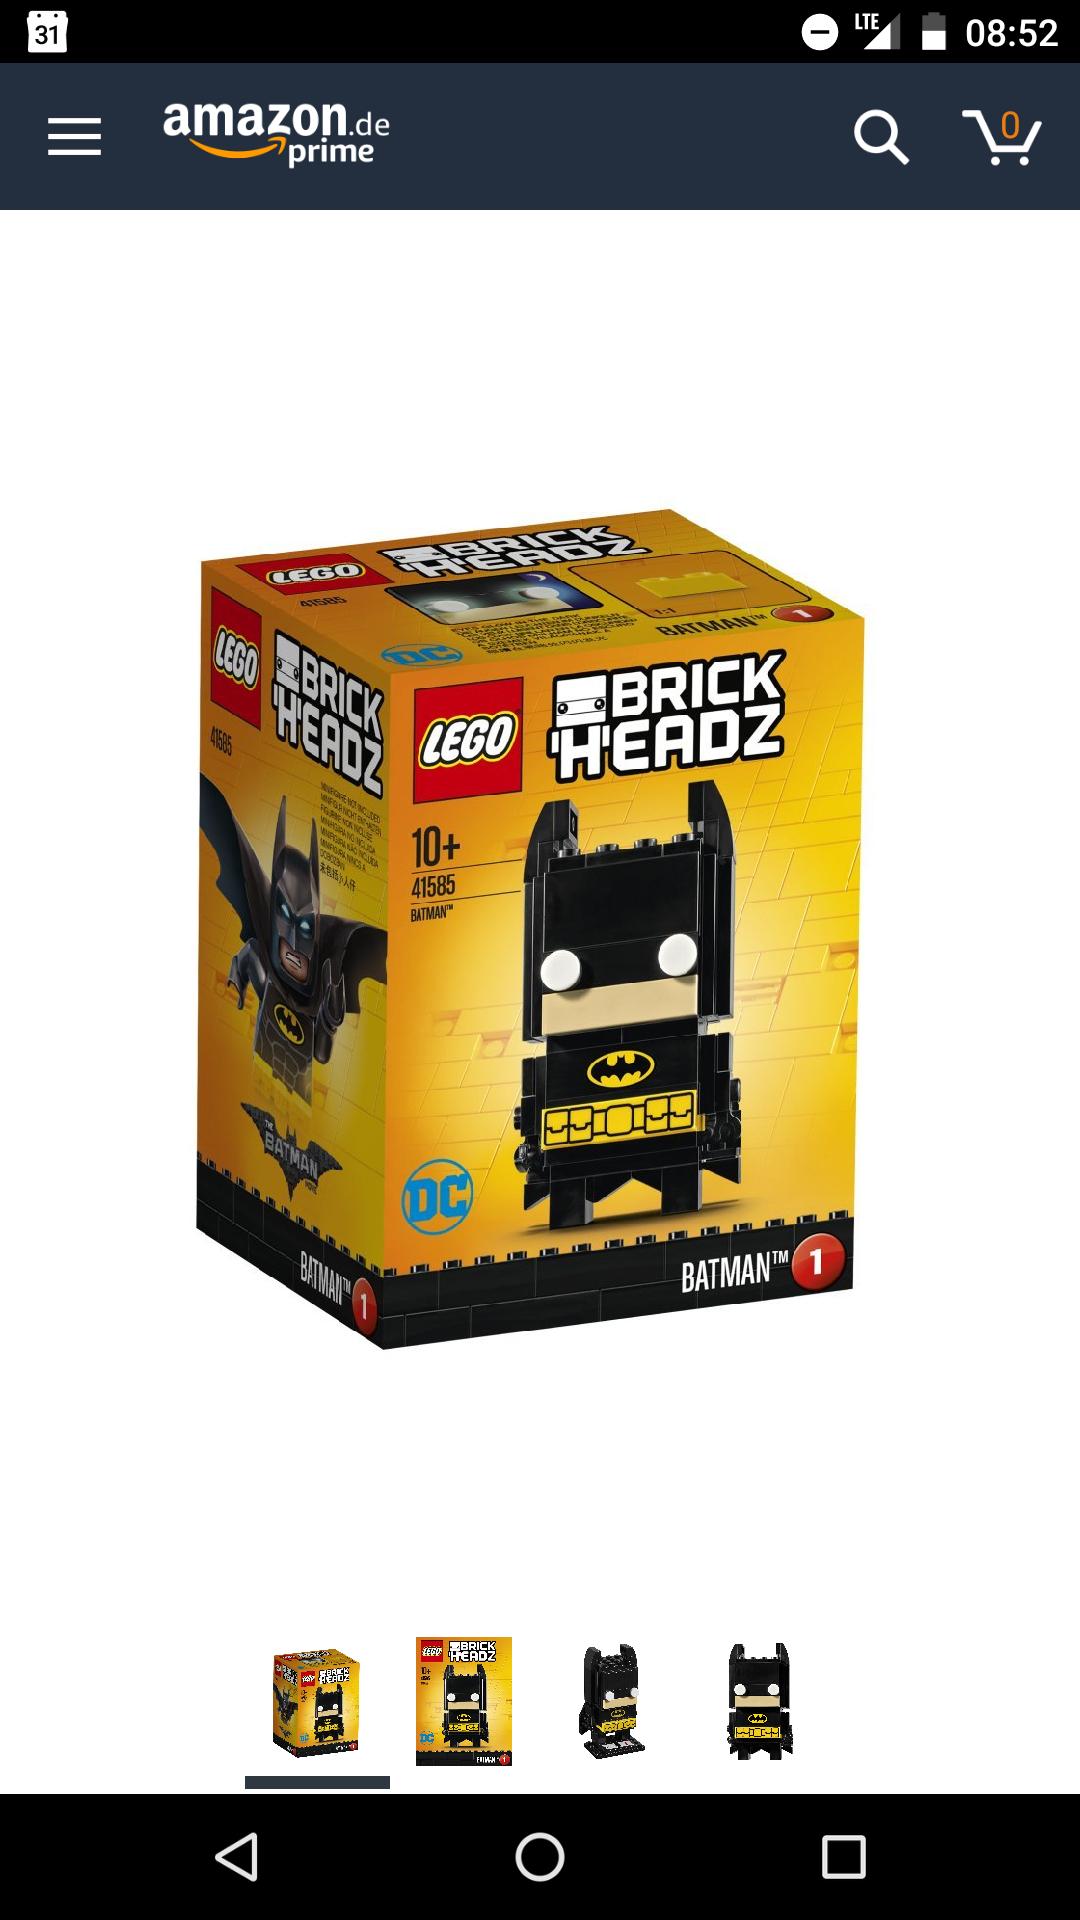 [SMDV] Lego Brickheadz ab